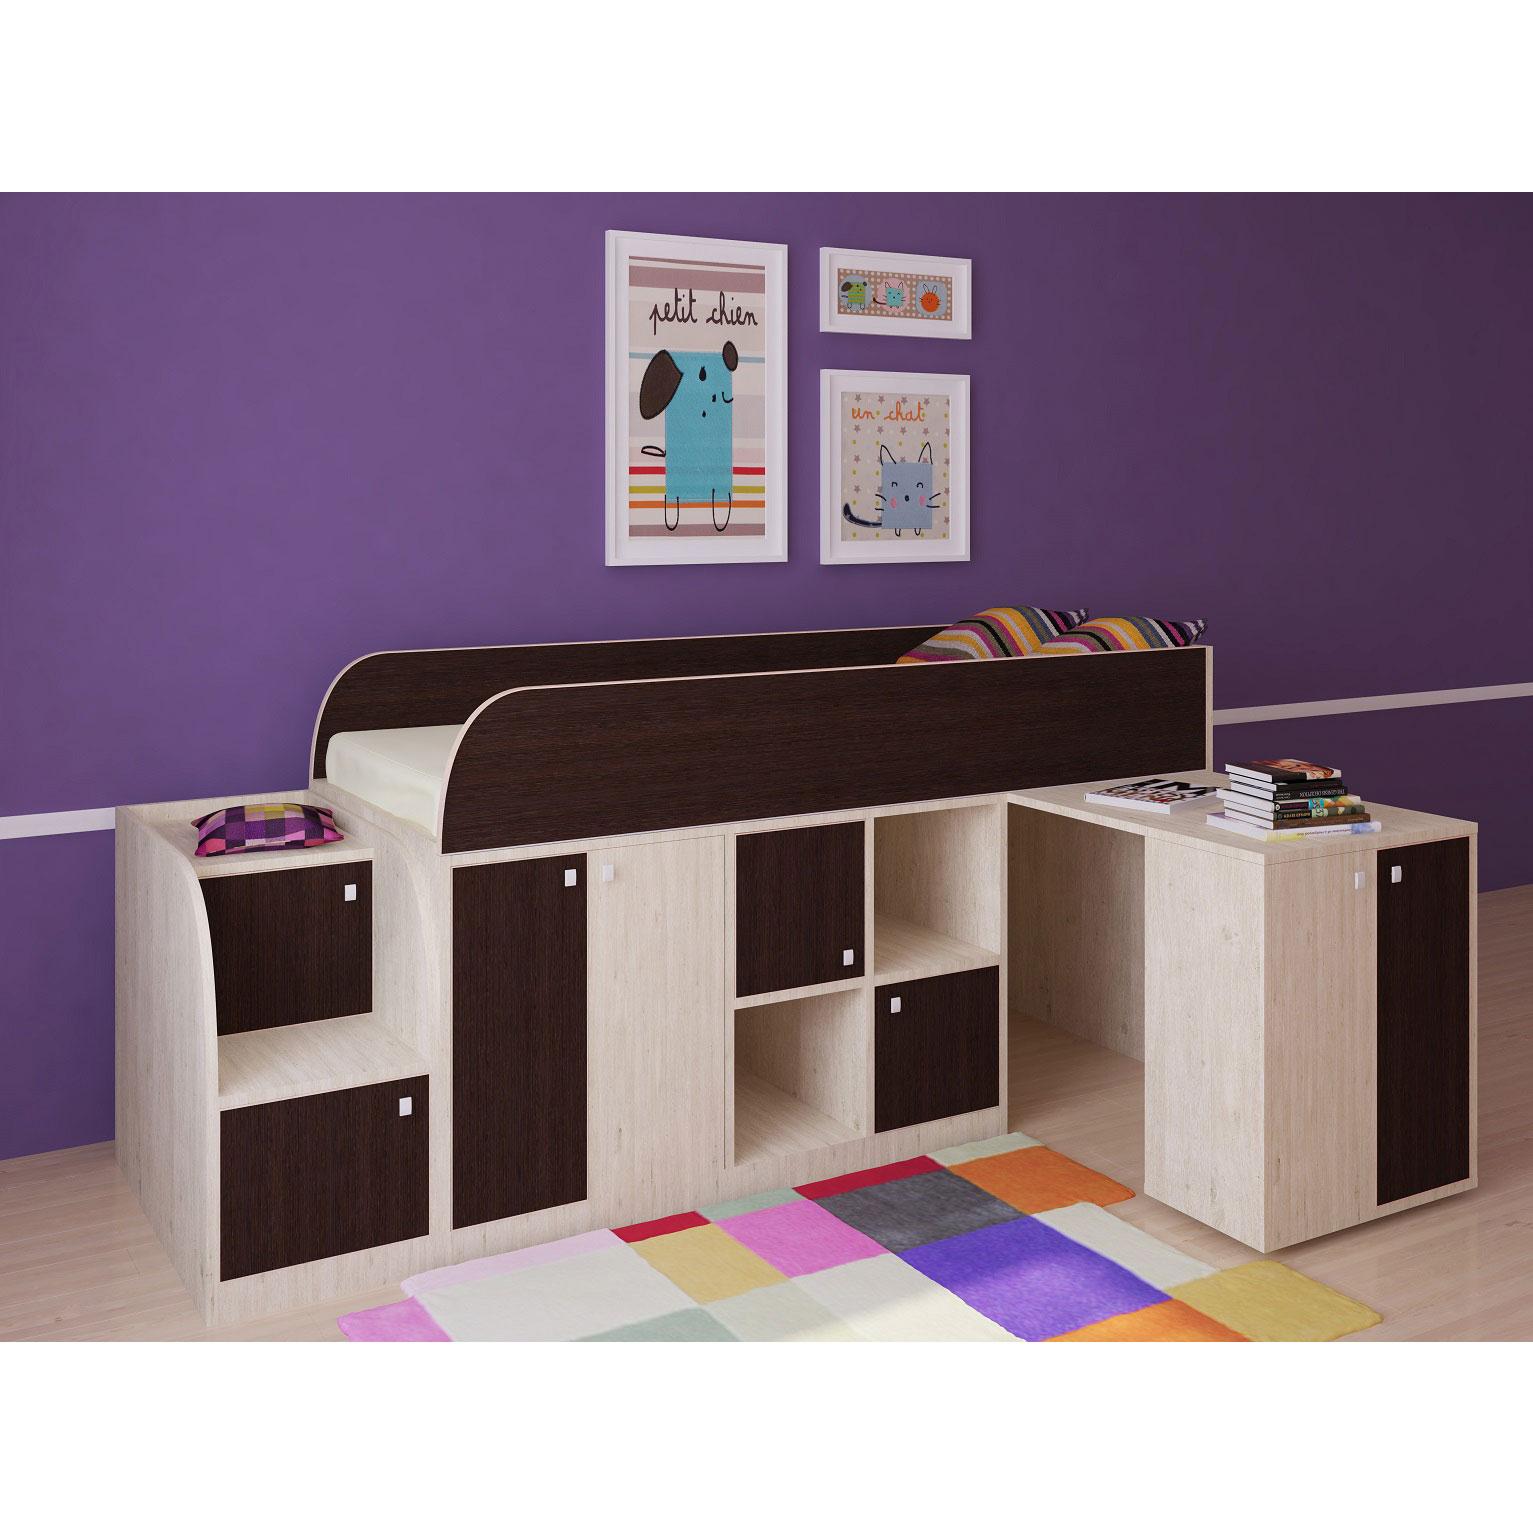 Набор мебели РВ-Мебель Астра мини Дуб молочный/Венге